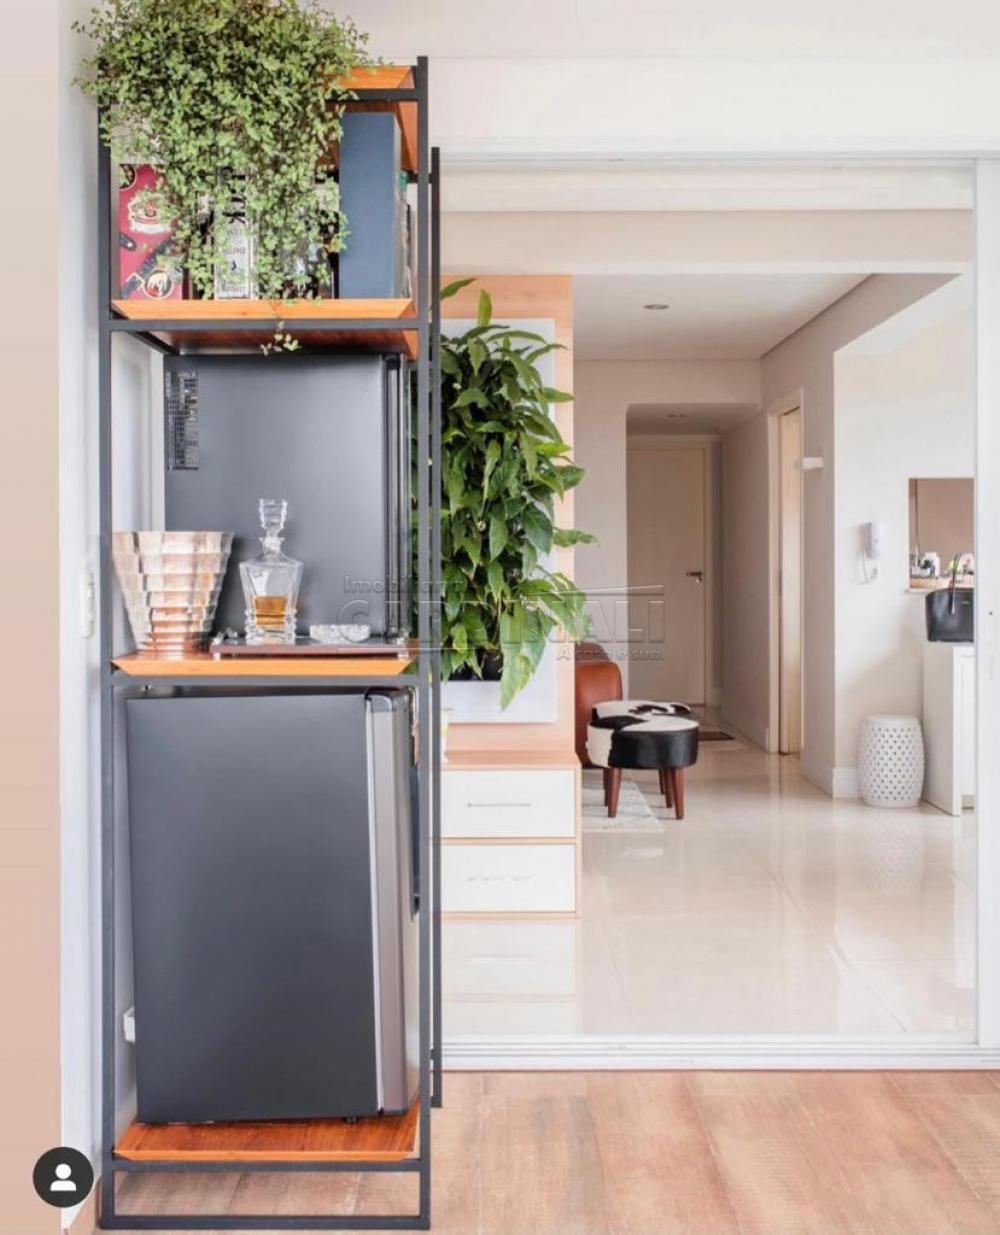 Comprar Apartamento / Padrão em São Carlos apenas R$ 980.000,00 - Foto 2